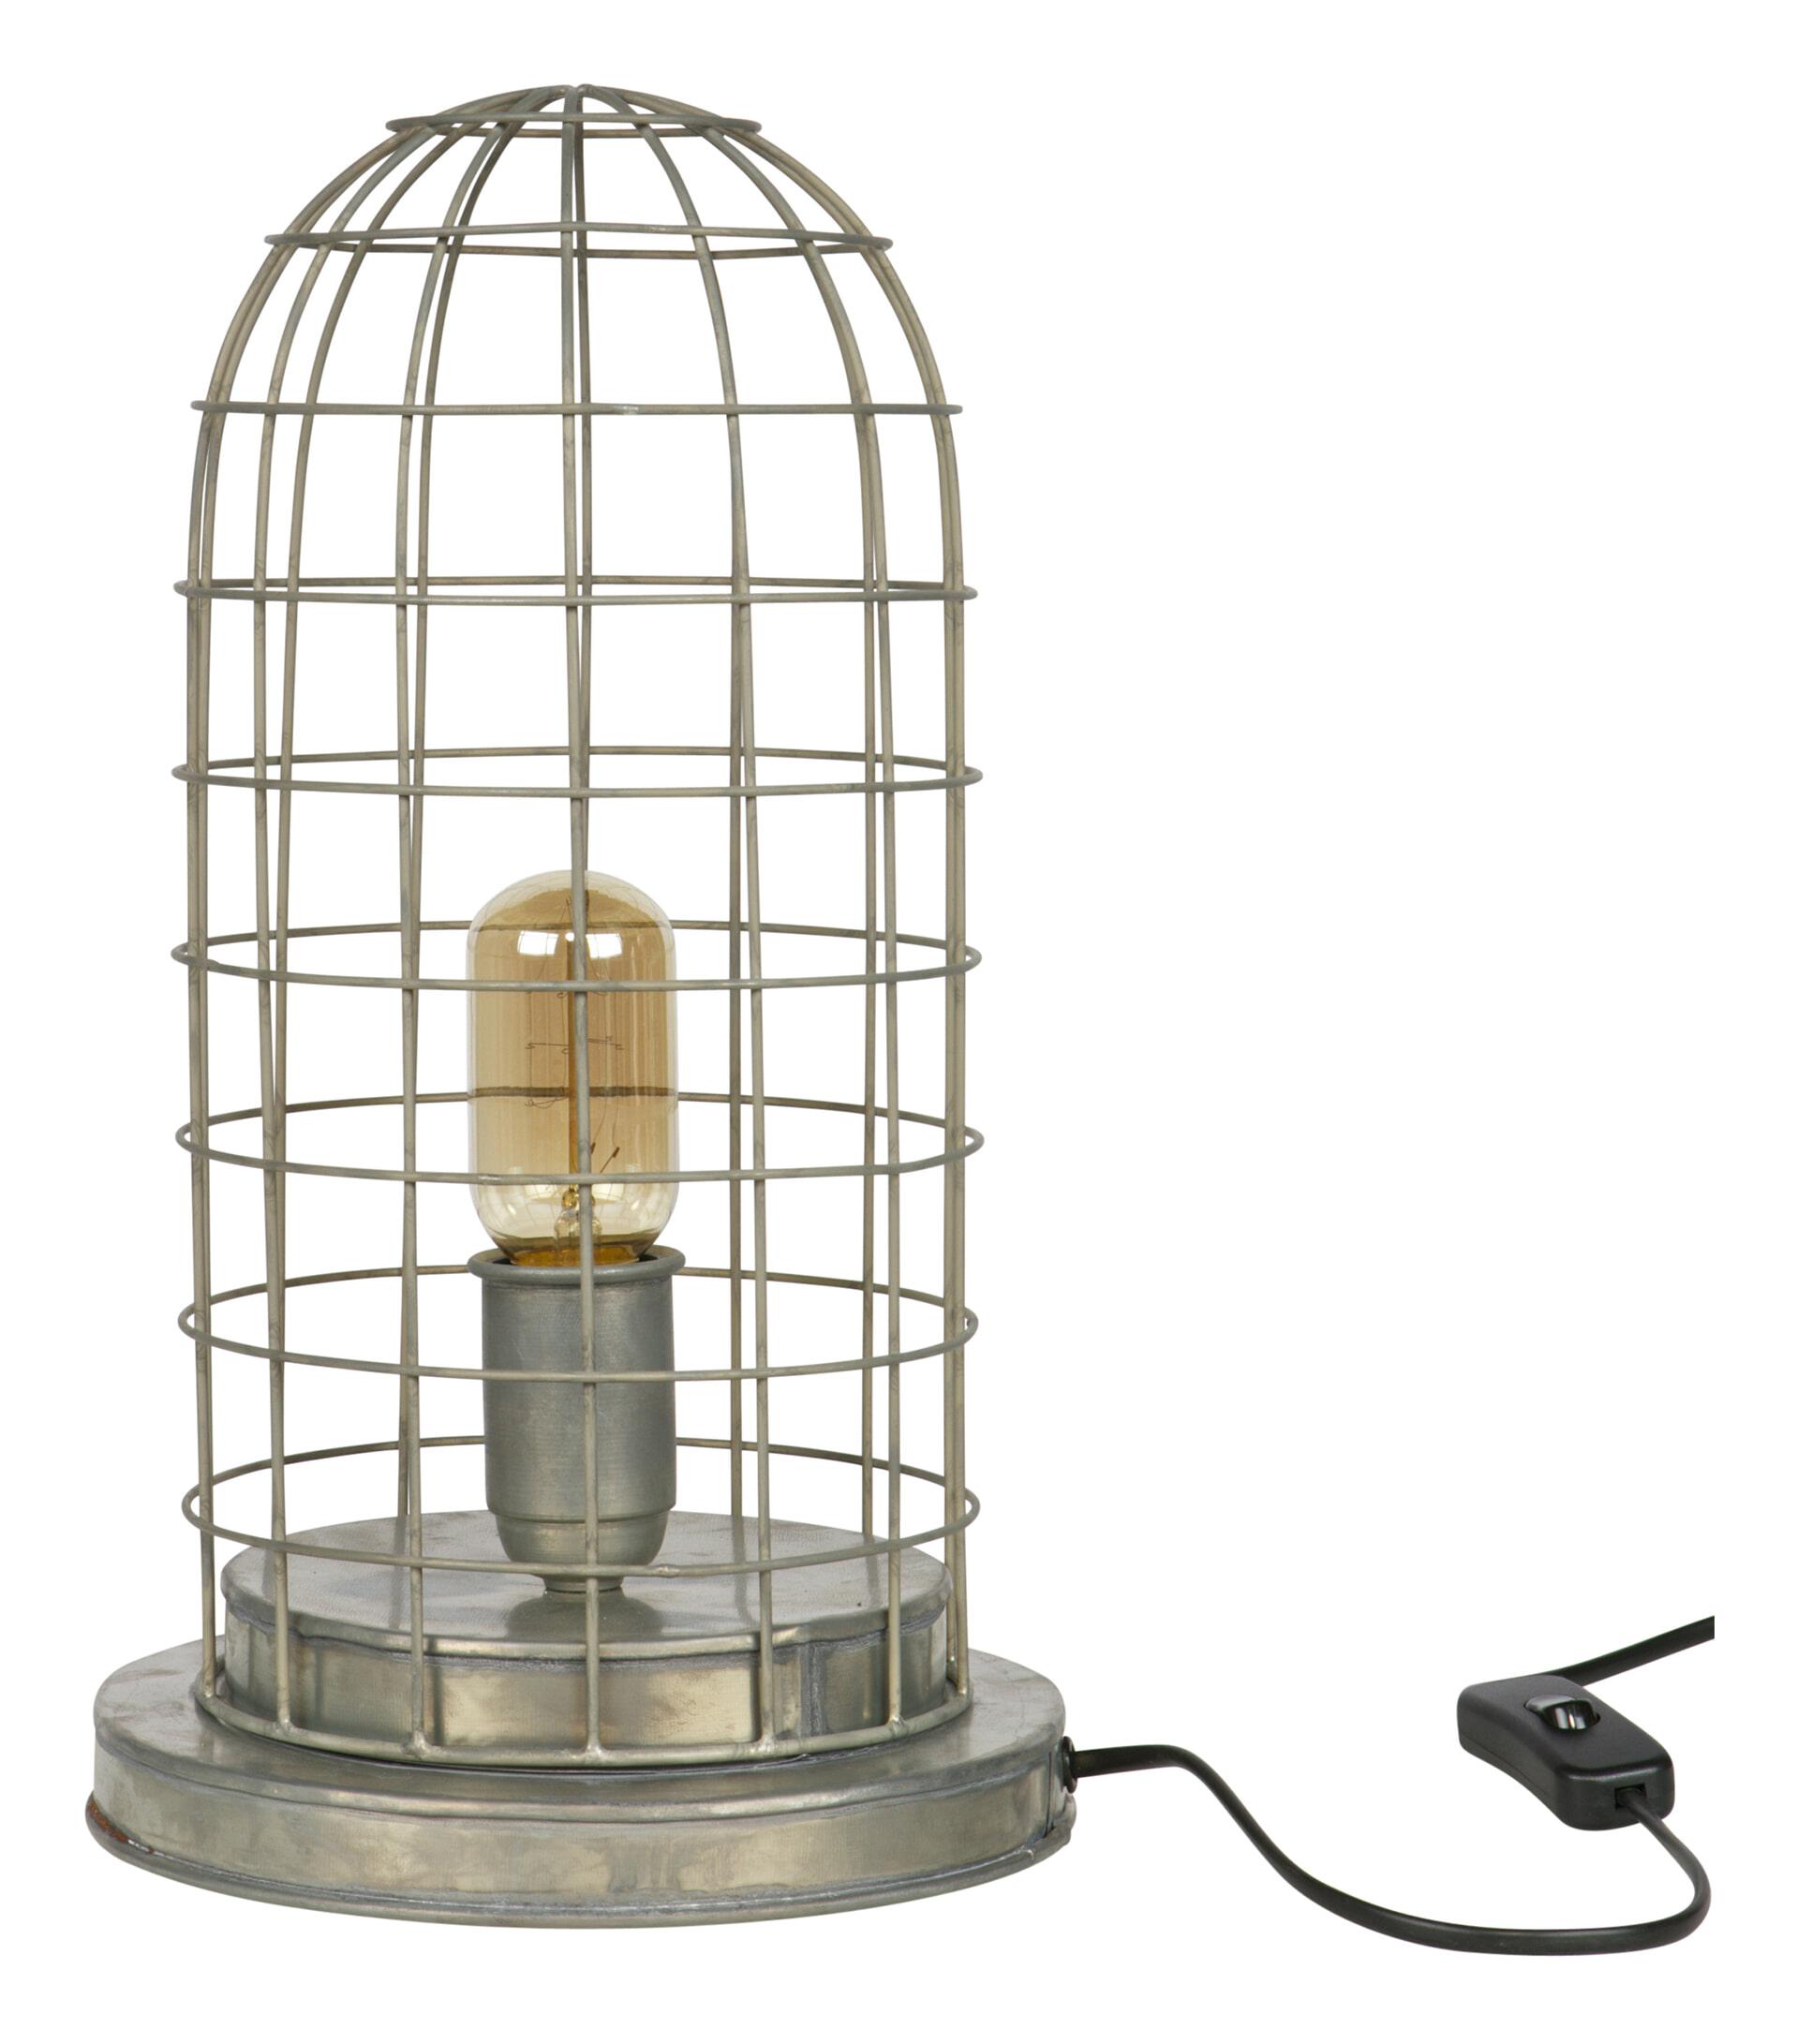 BePureHome tafellamp 'Hive', kleur zink Metaal aanschaffen? Kijk hier!